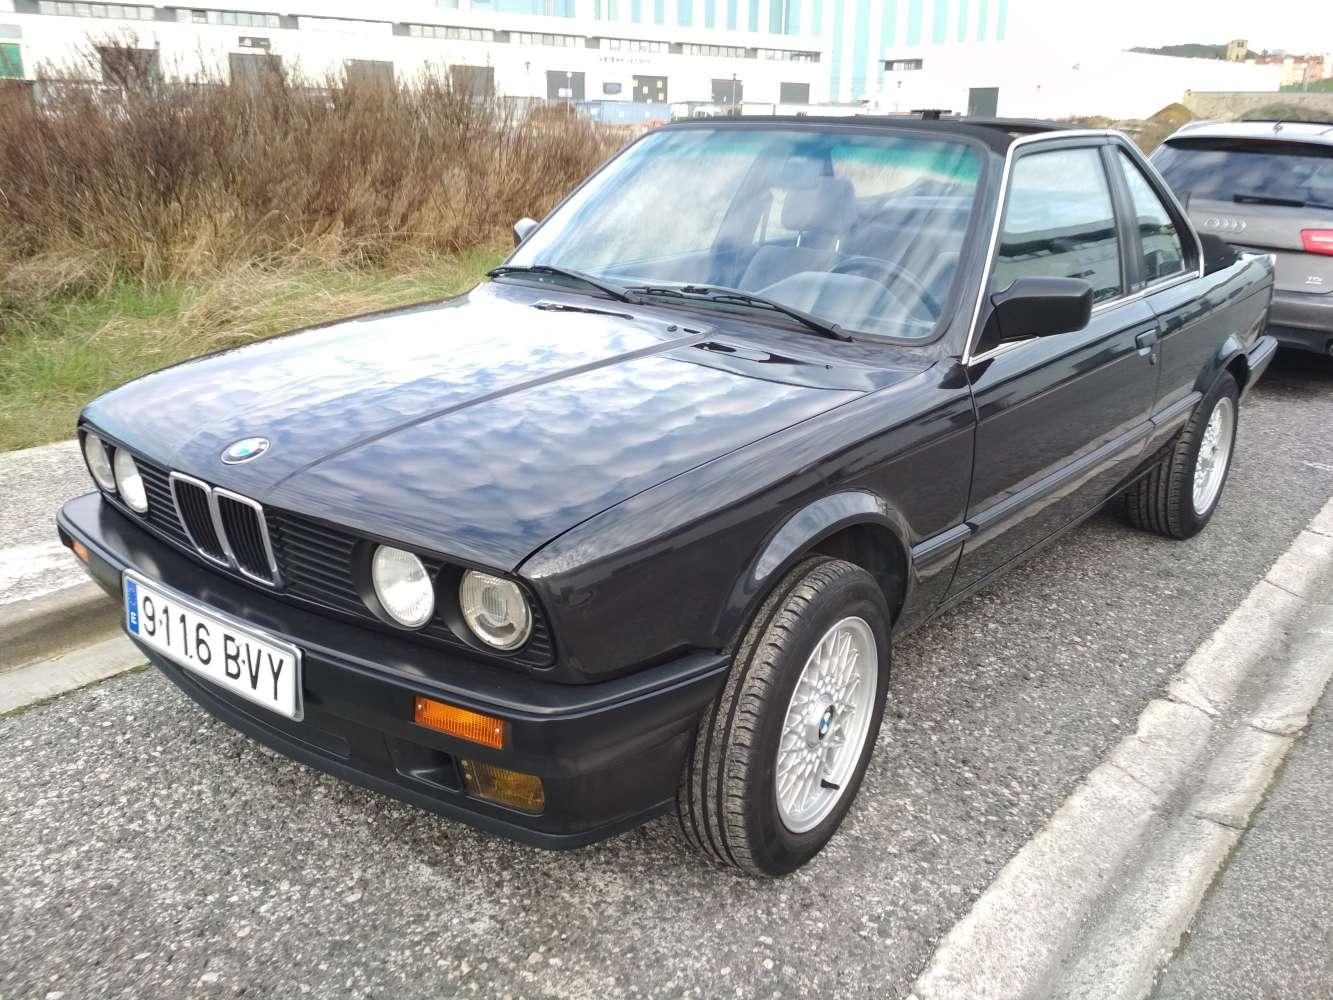 BMW E30 316i Baur 1991